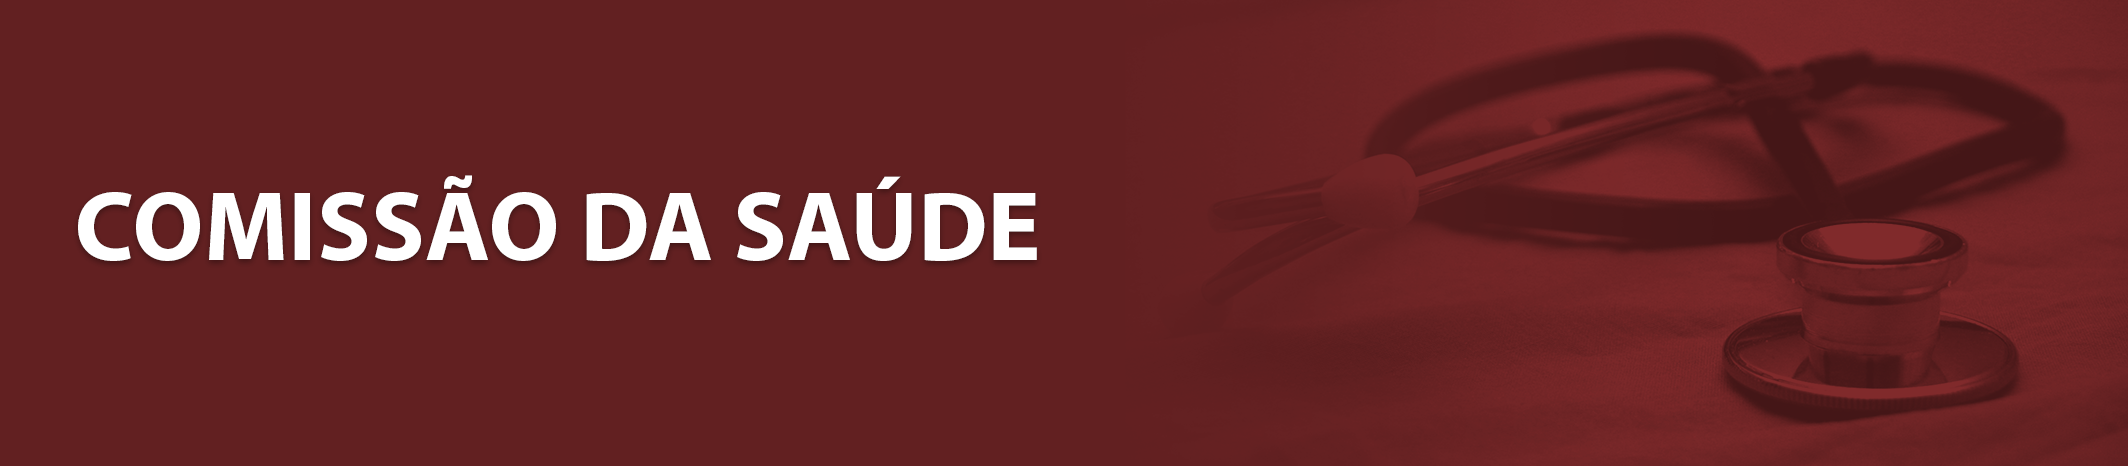 Banner Comissao da Saude